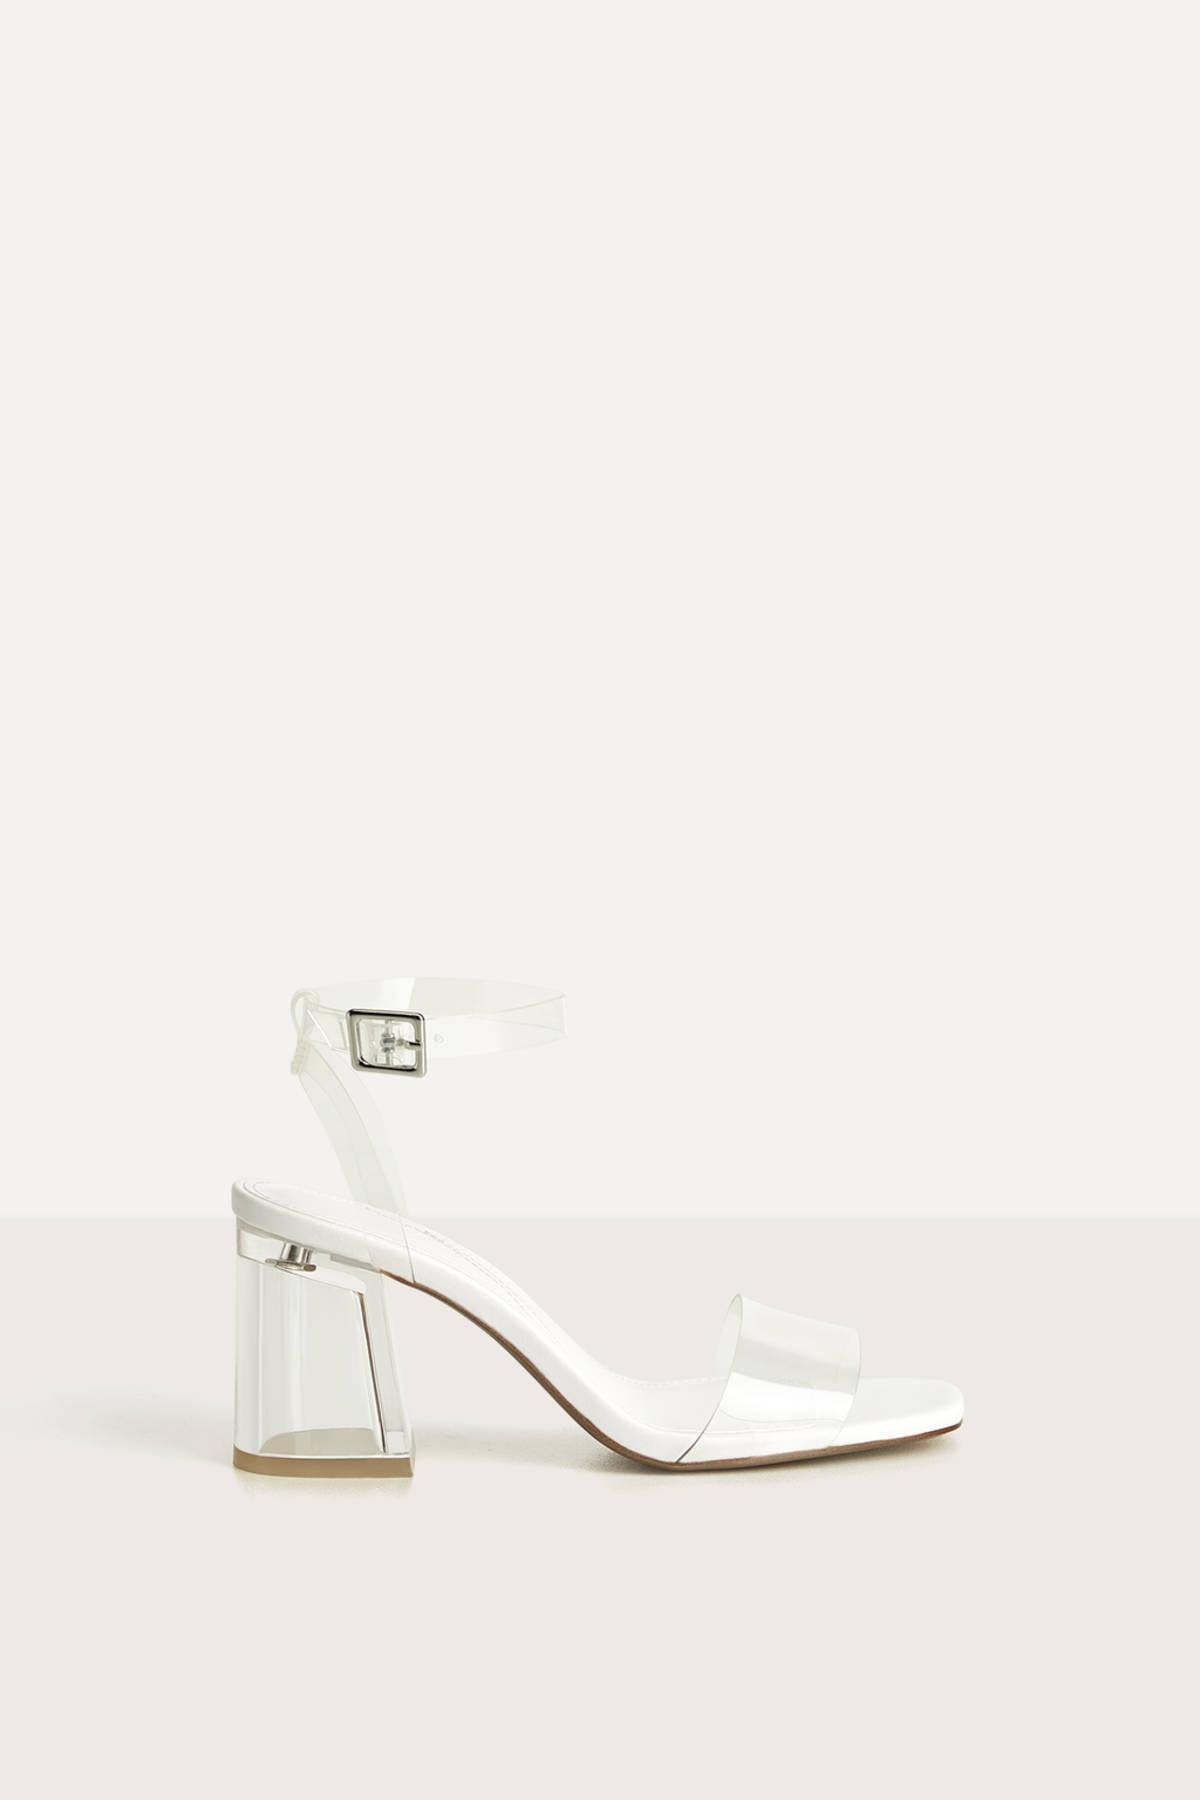 Bershka Kadın Transparan Vinil Detaylı Metakrilat Topuklu Sandalet. 11740660